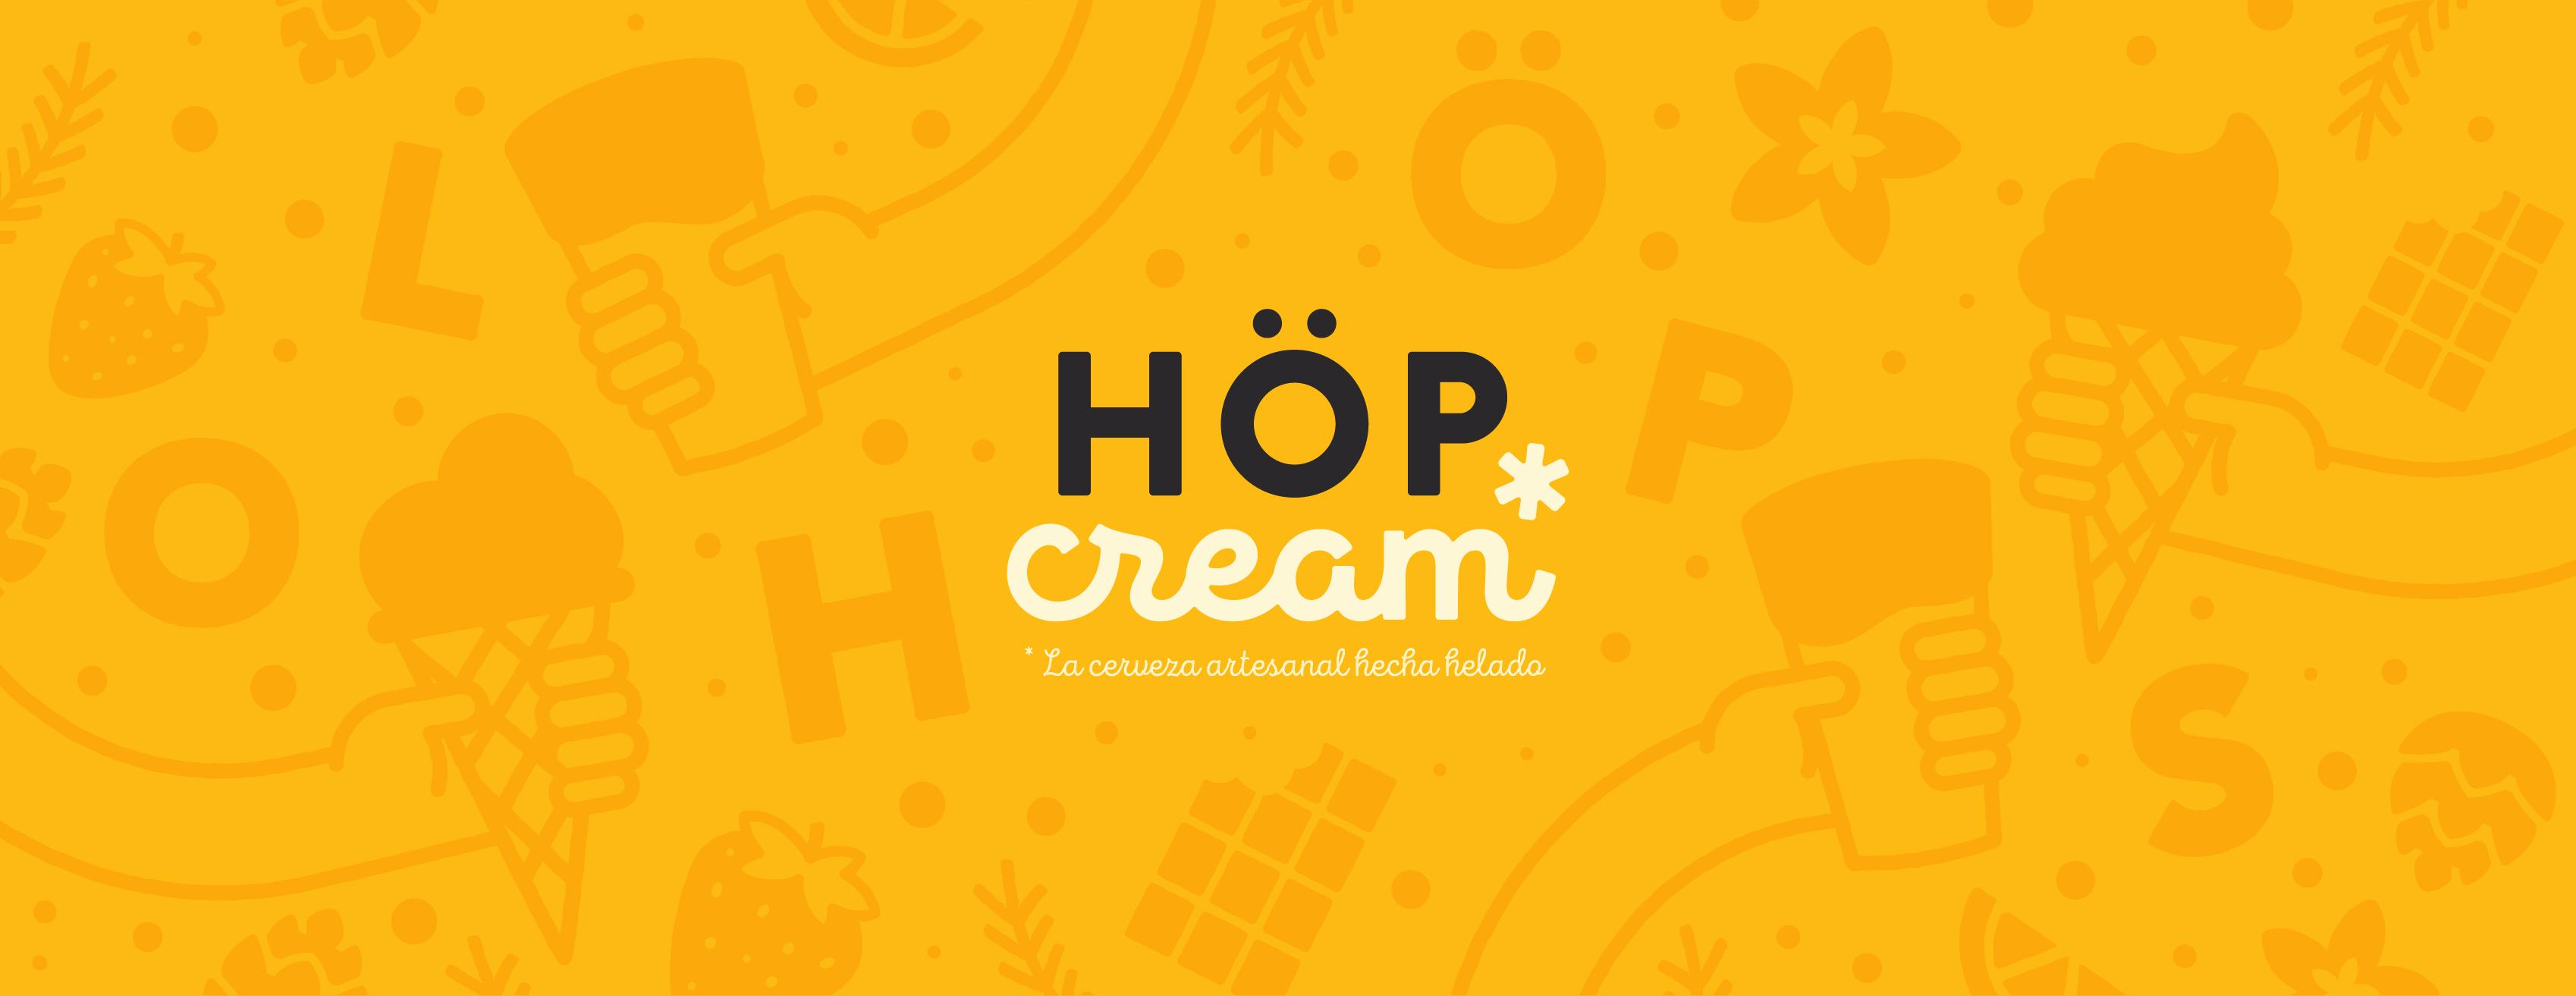 Höp Cream - La cerveza artesanal hecha helado